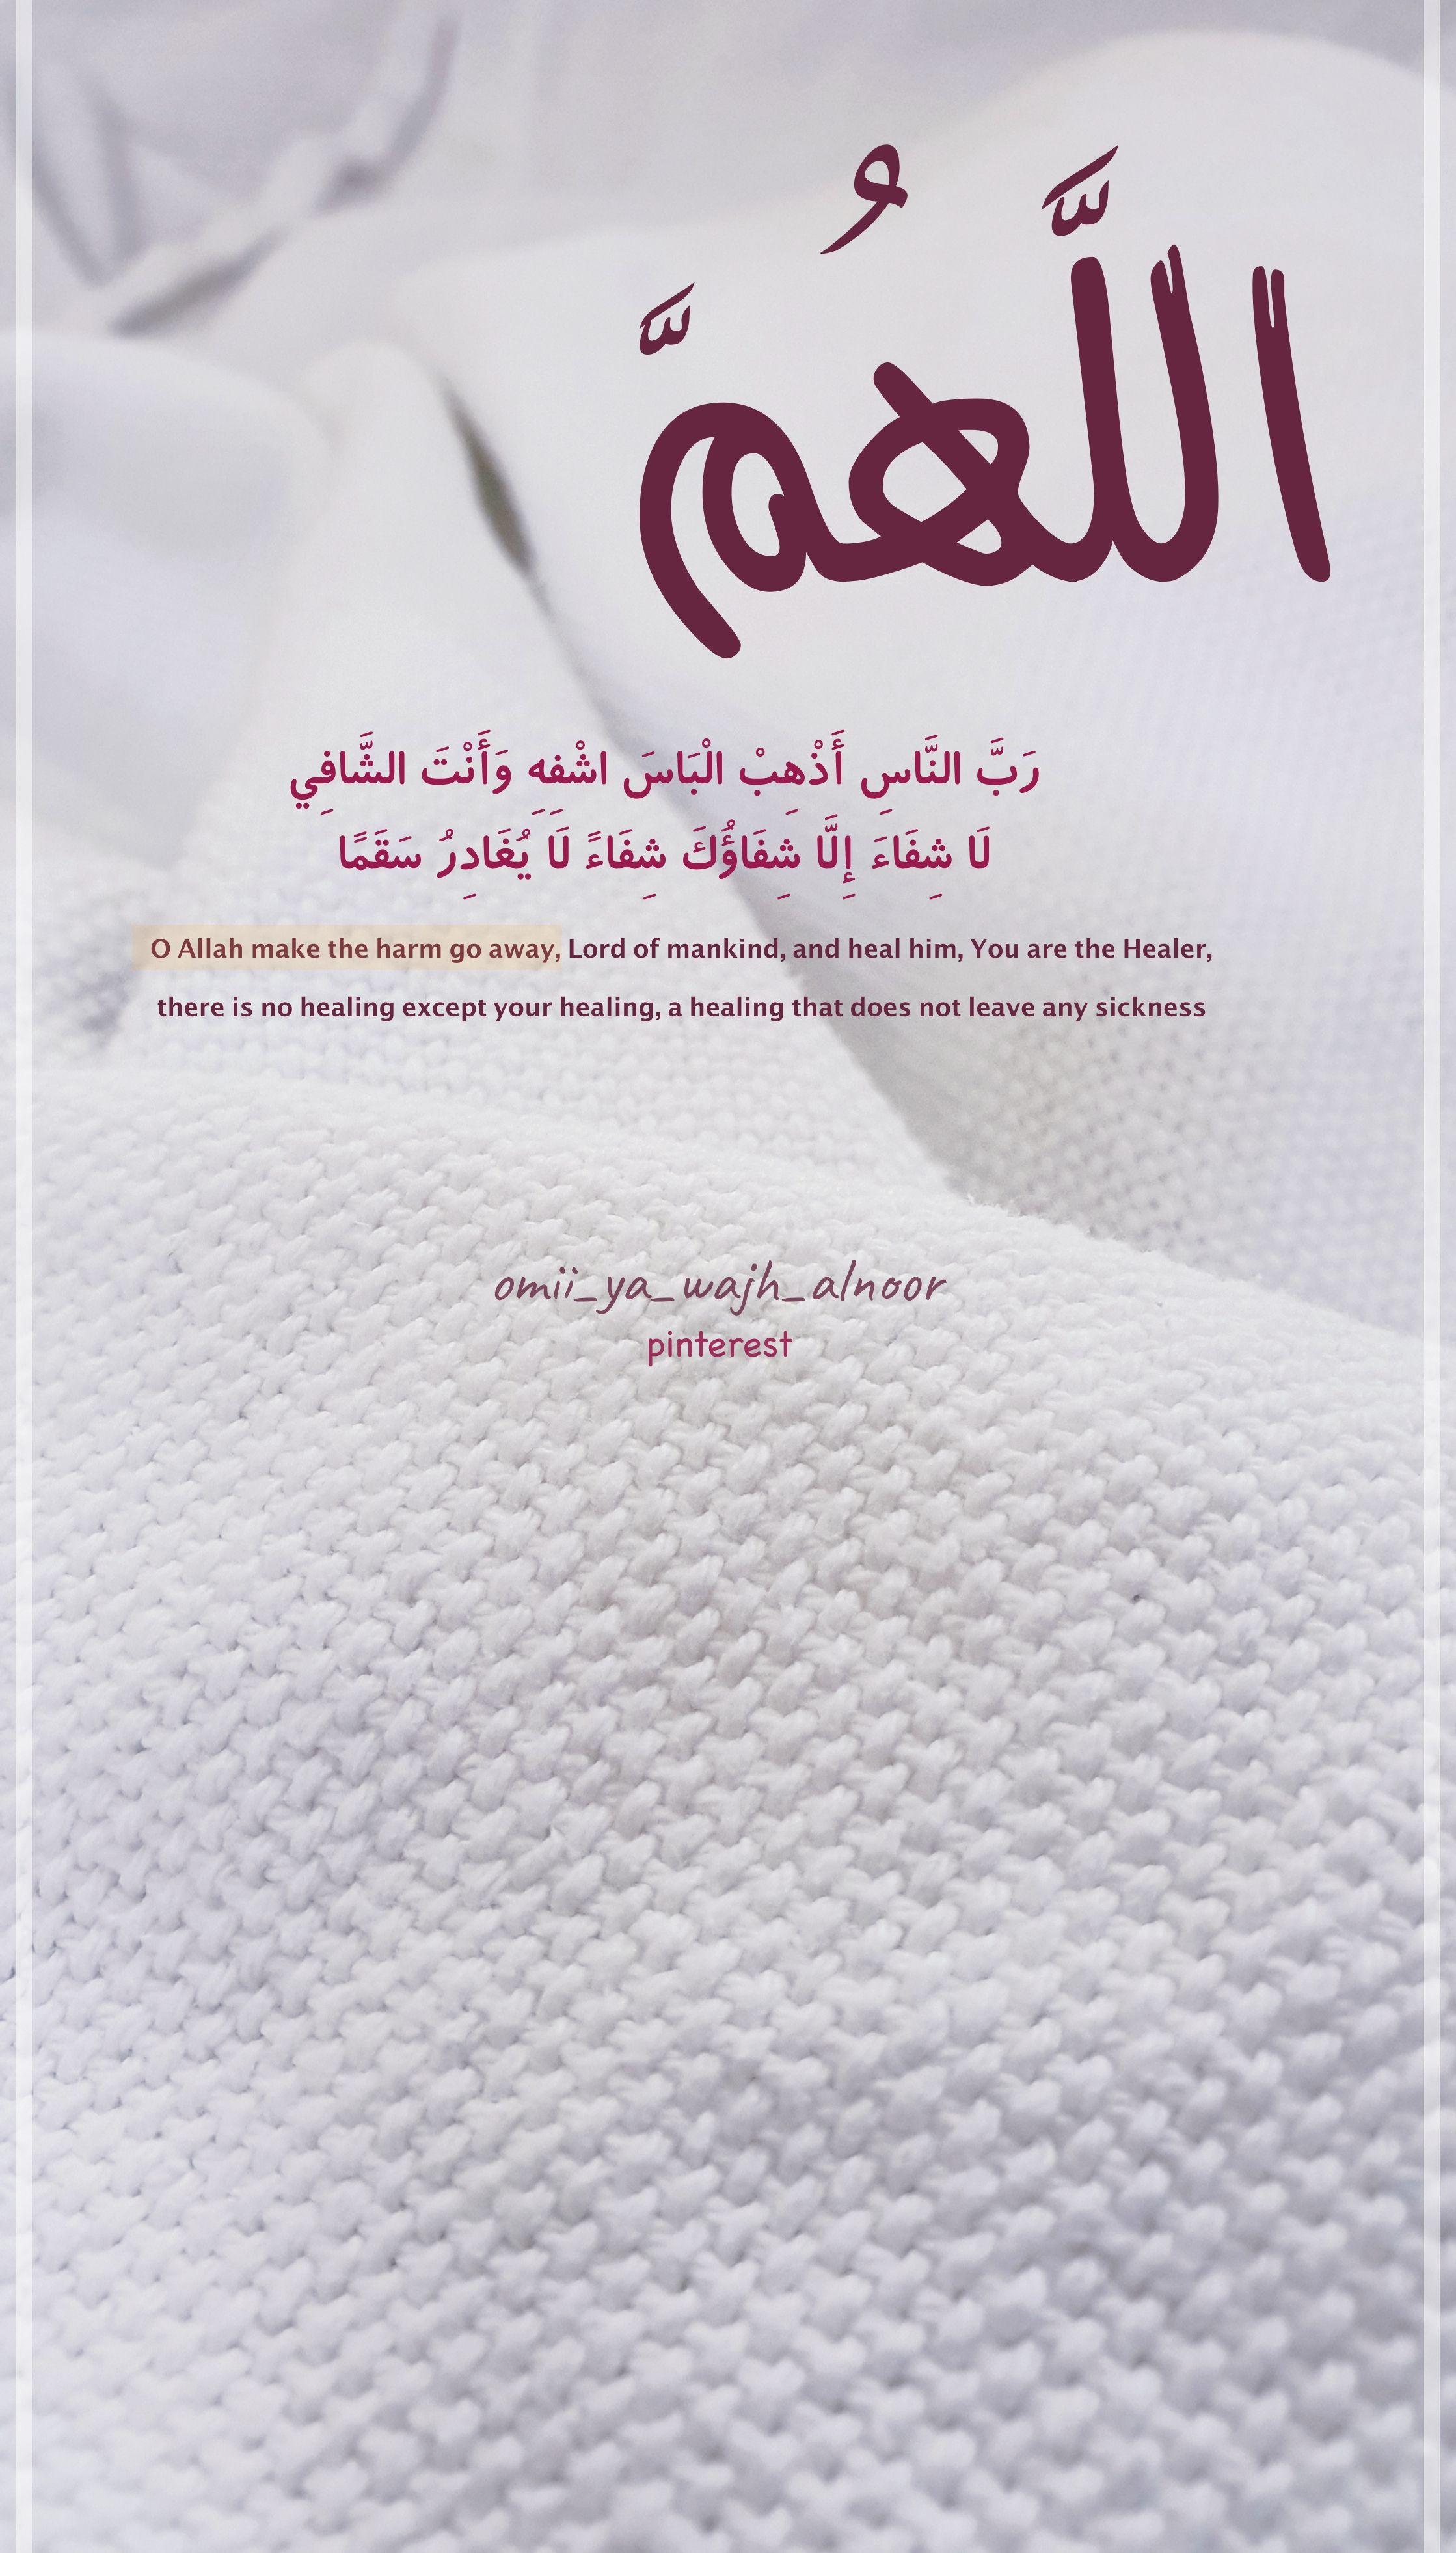 أذهب البأس Love Smile Quotes Iphone Wallpaper Quotes Love Islamic Phrases